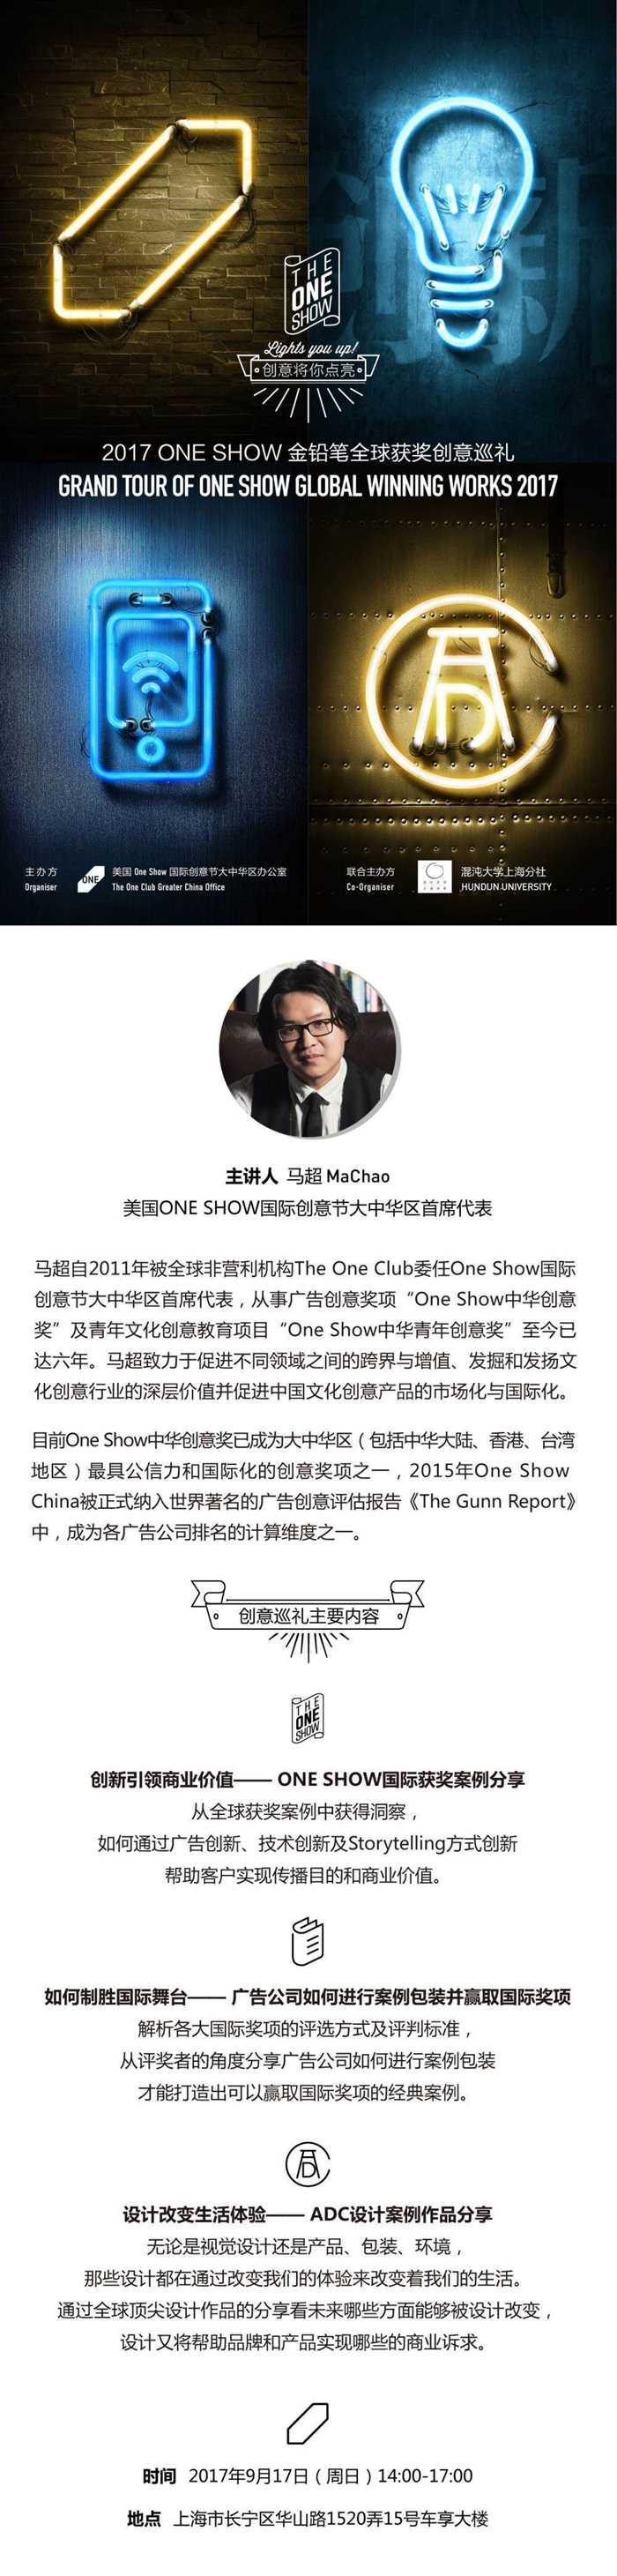 上海峰会预告长图.jpg